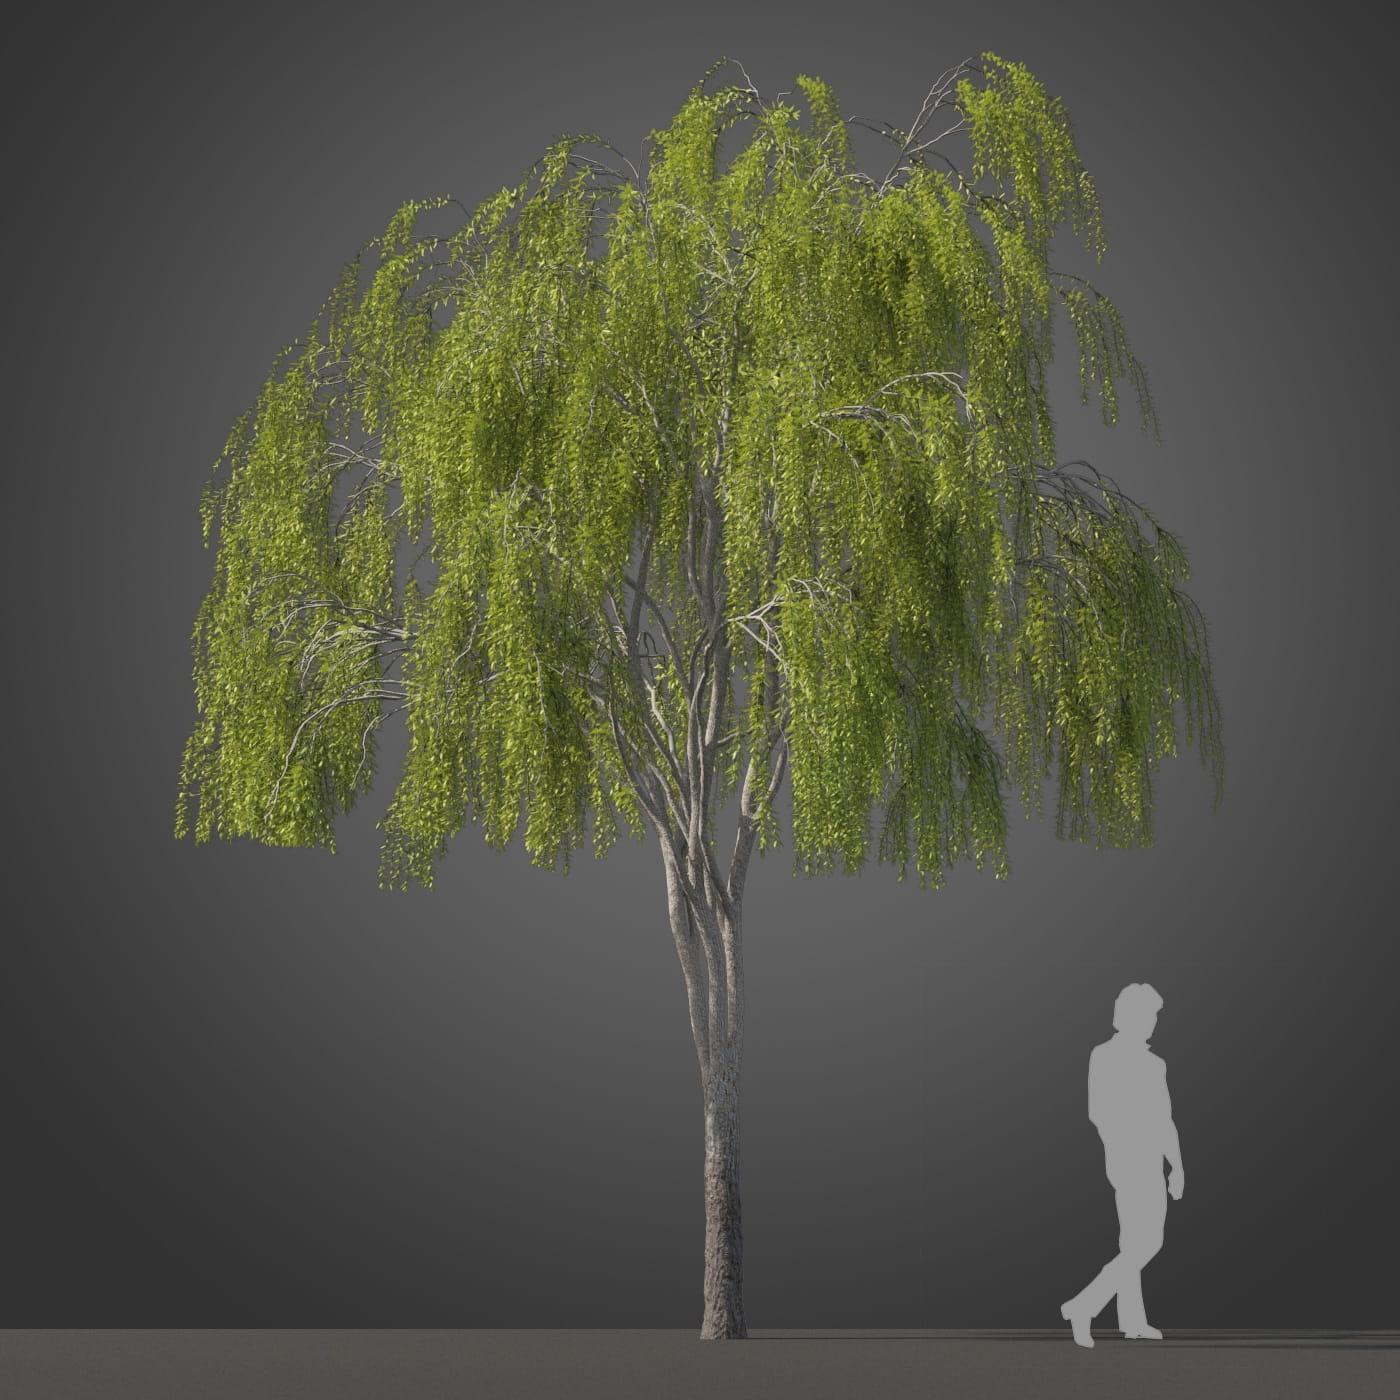 Maytenus boaria tree 20 AM210 Archmodels